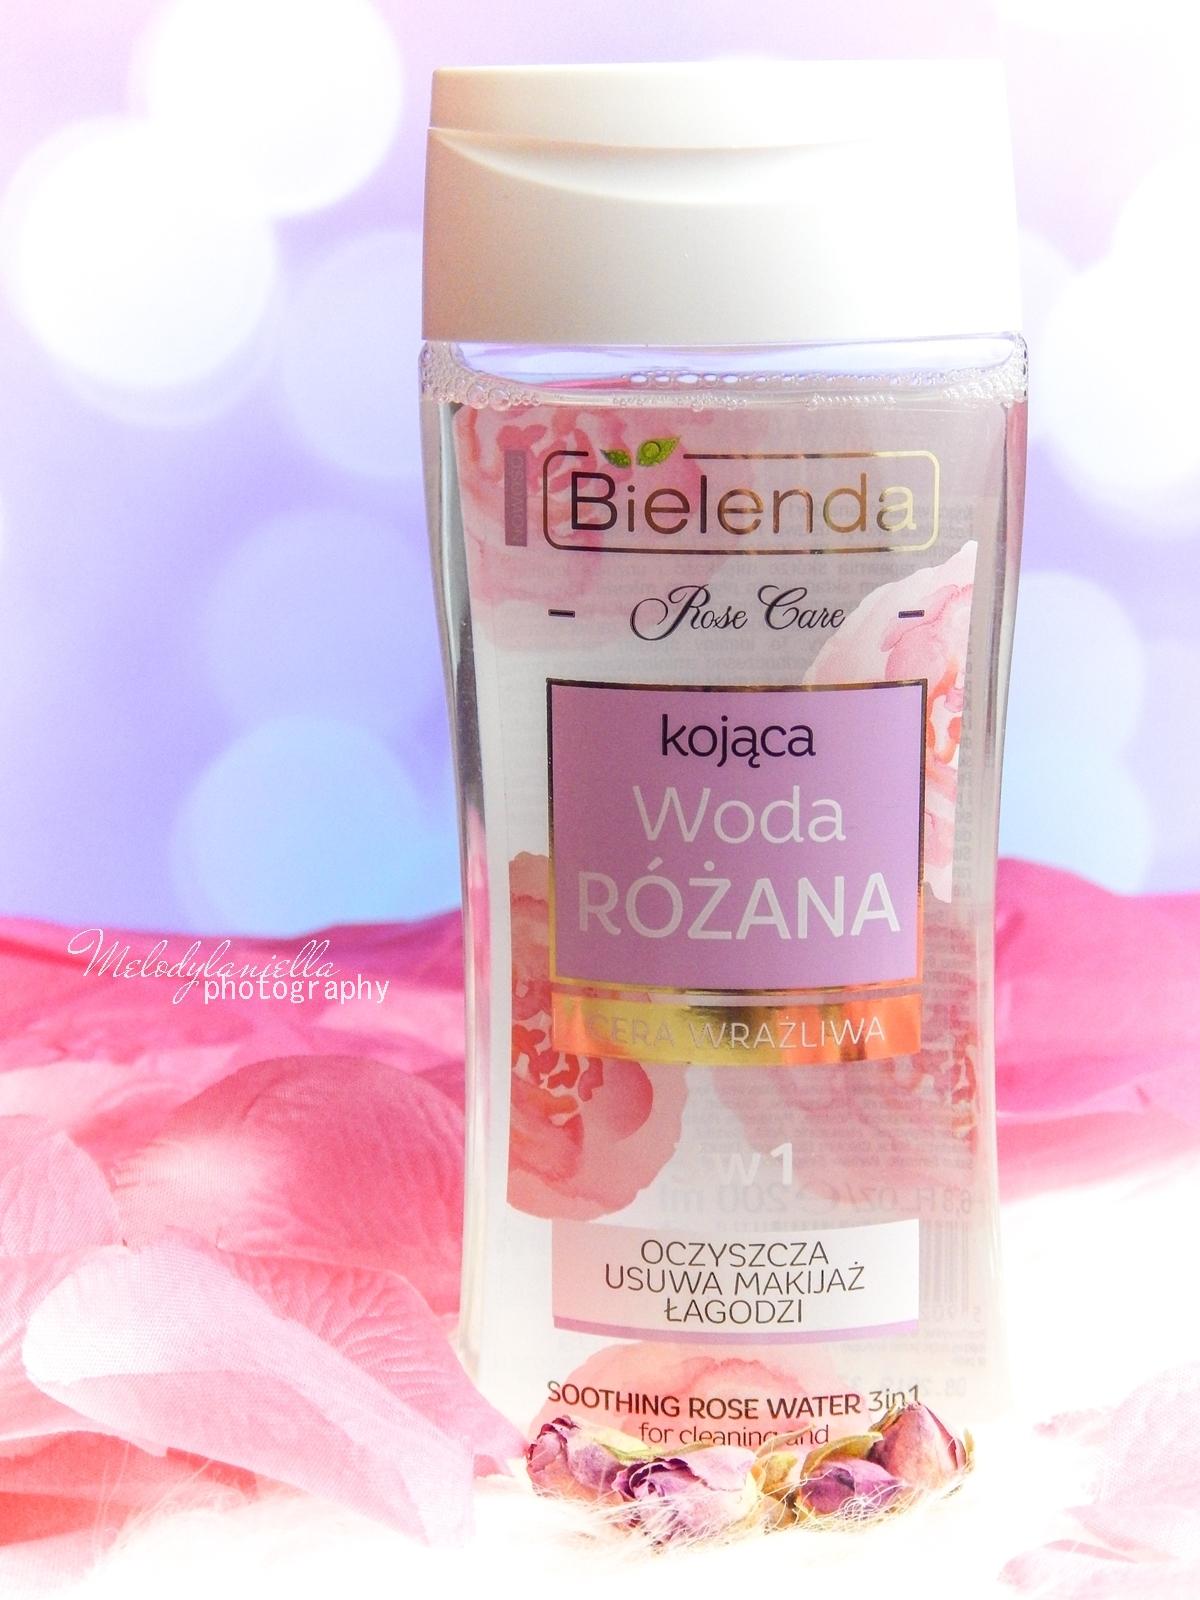 11 Bielenda rose care różany krem do twarzy recenzja kojąca woda różana 3w1 olejek różany do mycia twarzy produkty bielenda seria różana melodylaniella test produktów kosmetycznych ciekawe blogi lifestyle